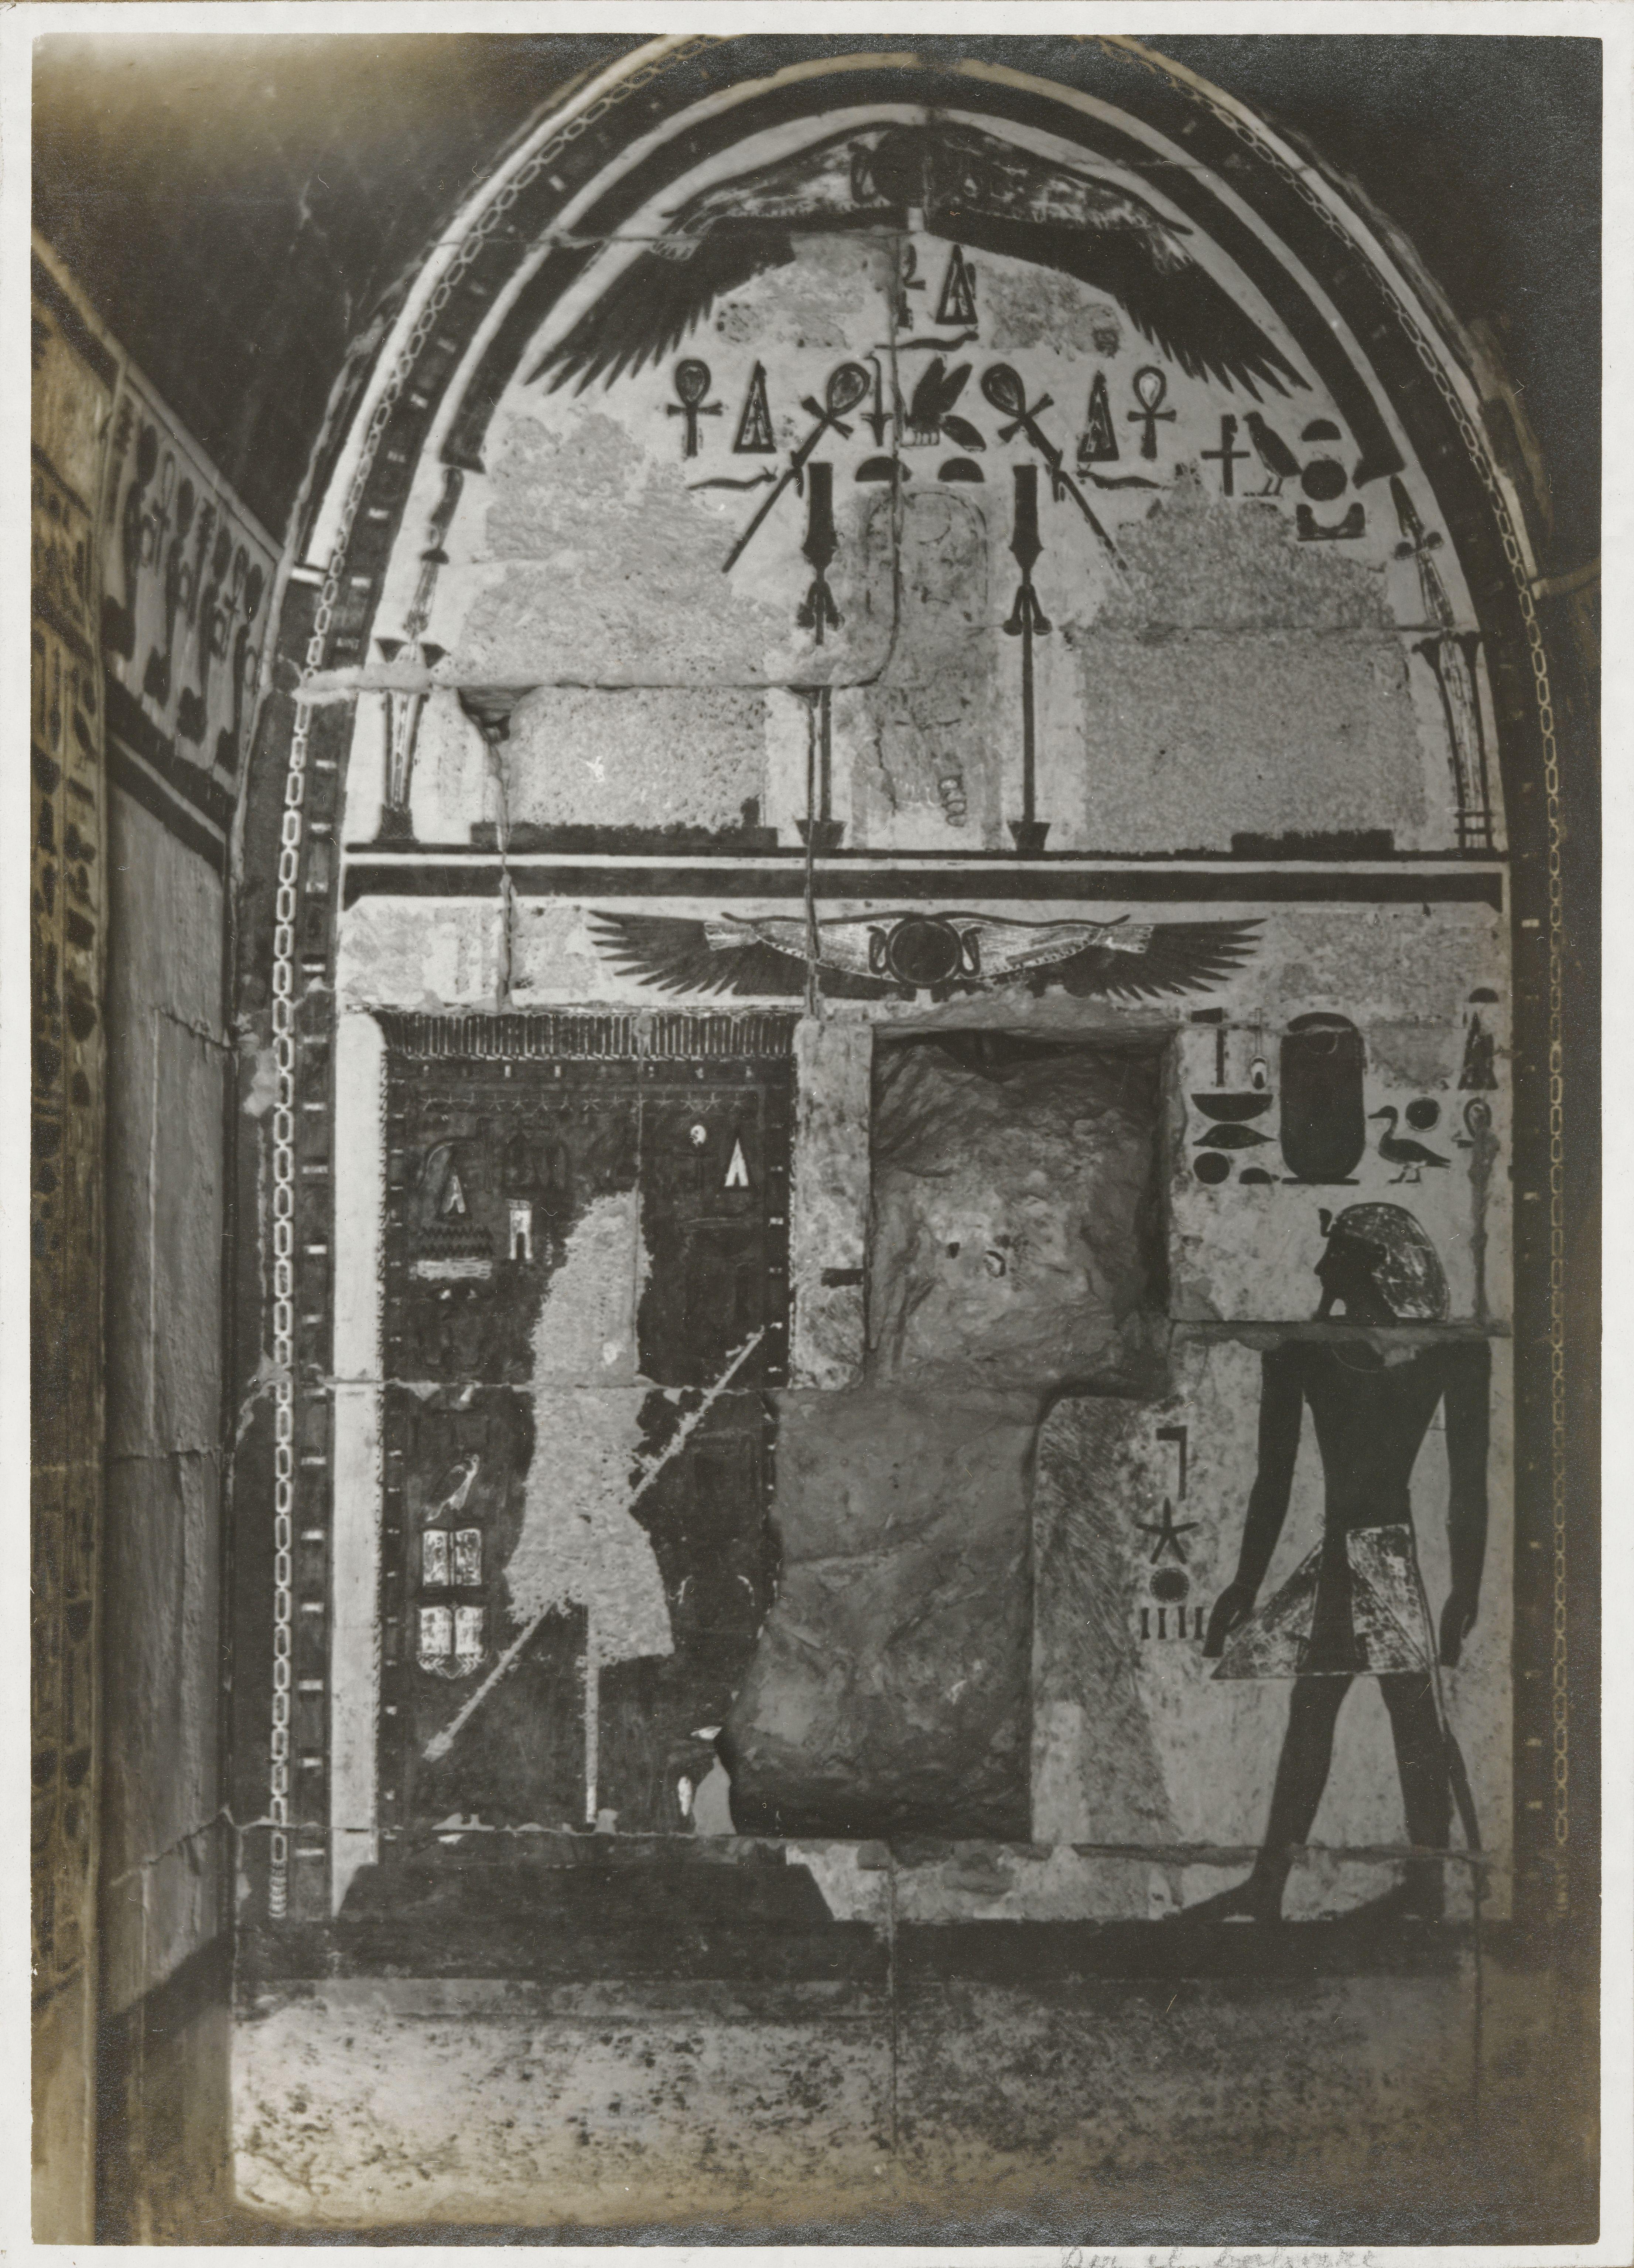 Дейр-эль-Бахри. Часовня Анубиса со сводчатым потолком. Живопись очень хорошо сохранилась, портрет  царицы-фараона разрушен